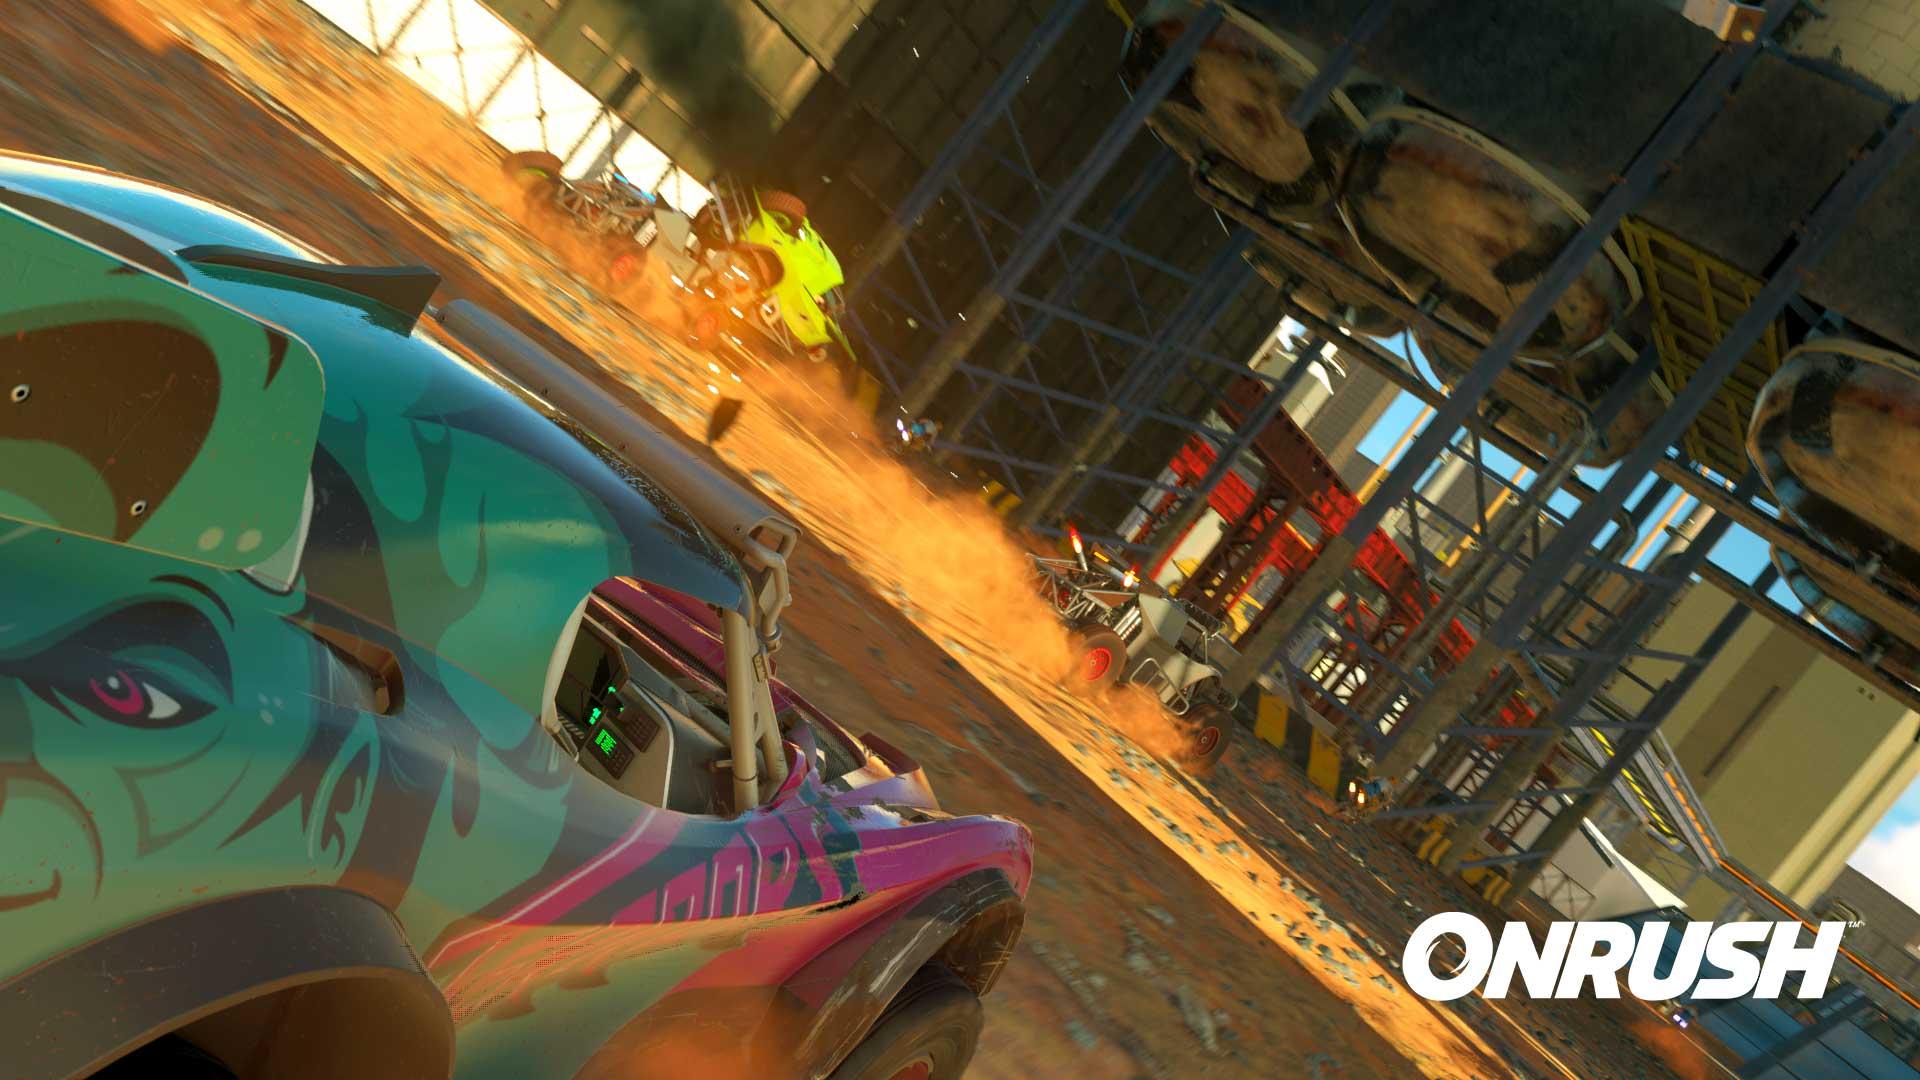 Onrush: annunciata la data d'uscita su PS4 e Xbox One